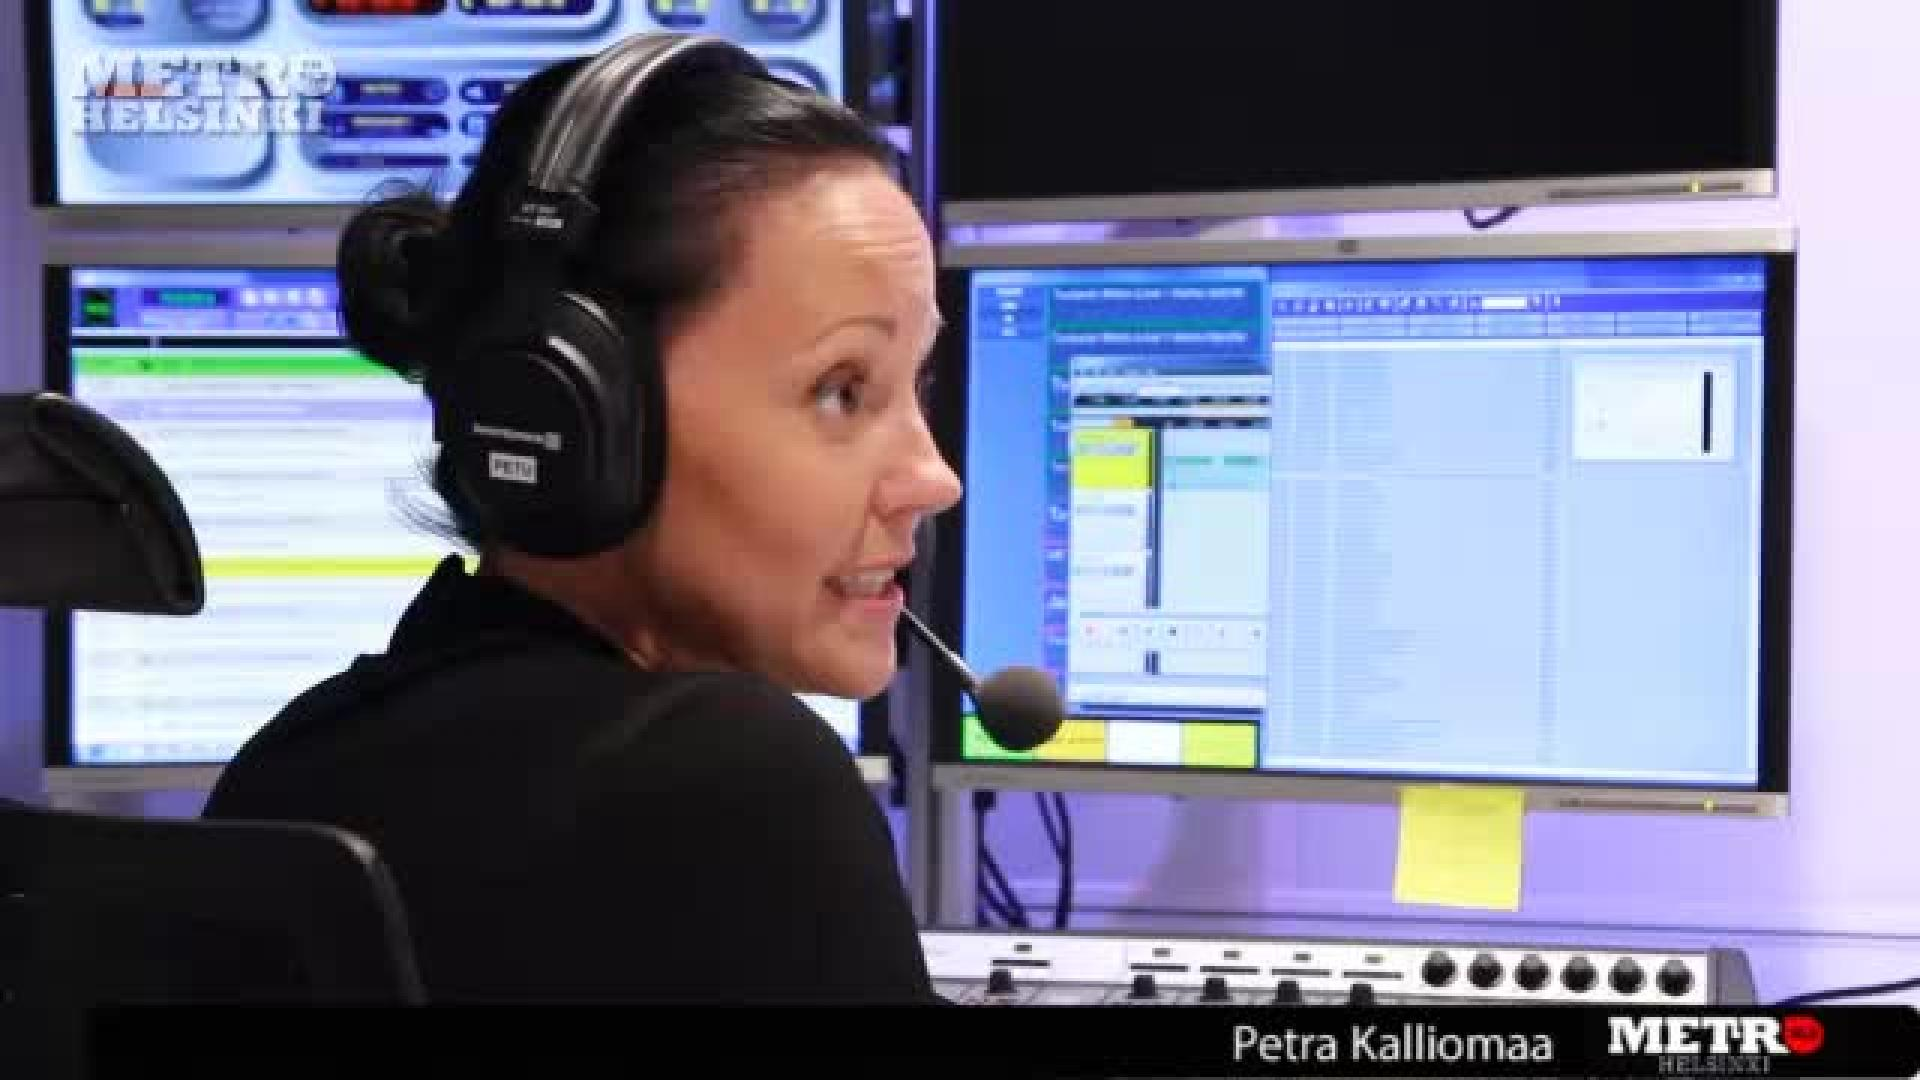 AMS Radio hiili ajoitus dating menetelmä